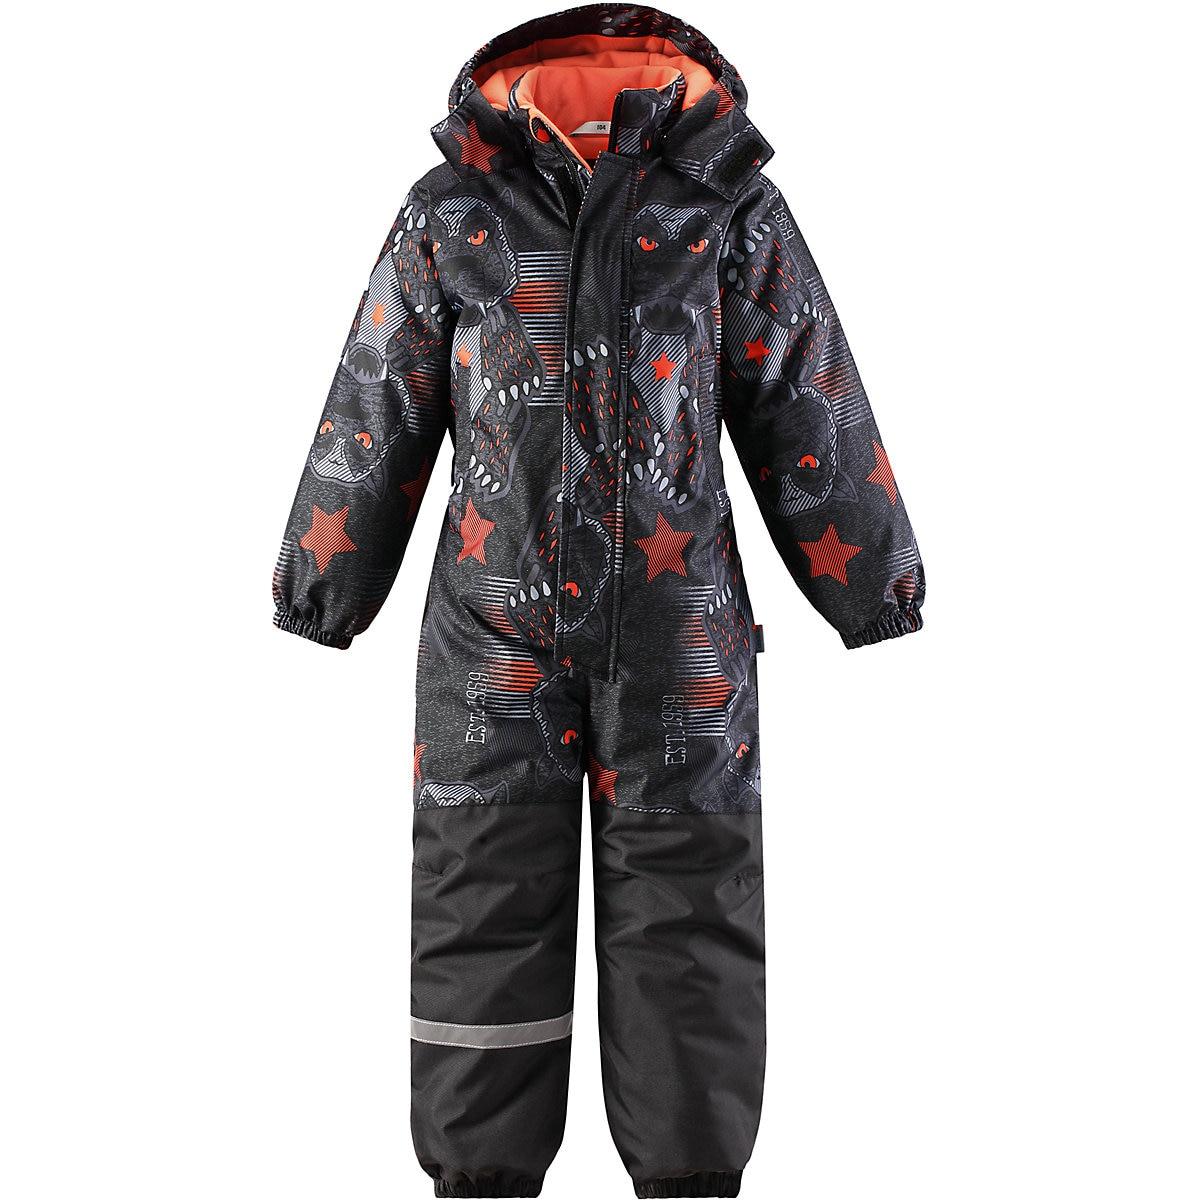 Salopette LASSIE pour garçons 8627861 barboteuses bébé combinaison enfants vêtements enfants